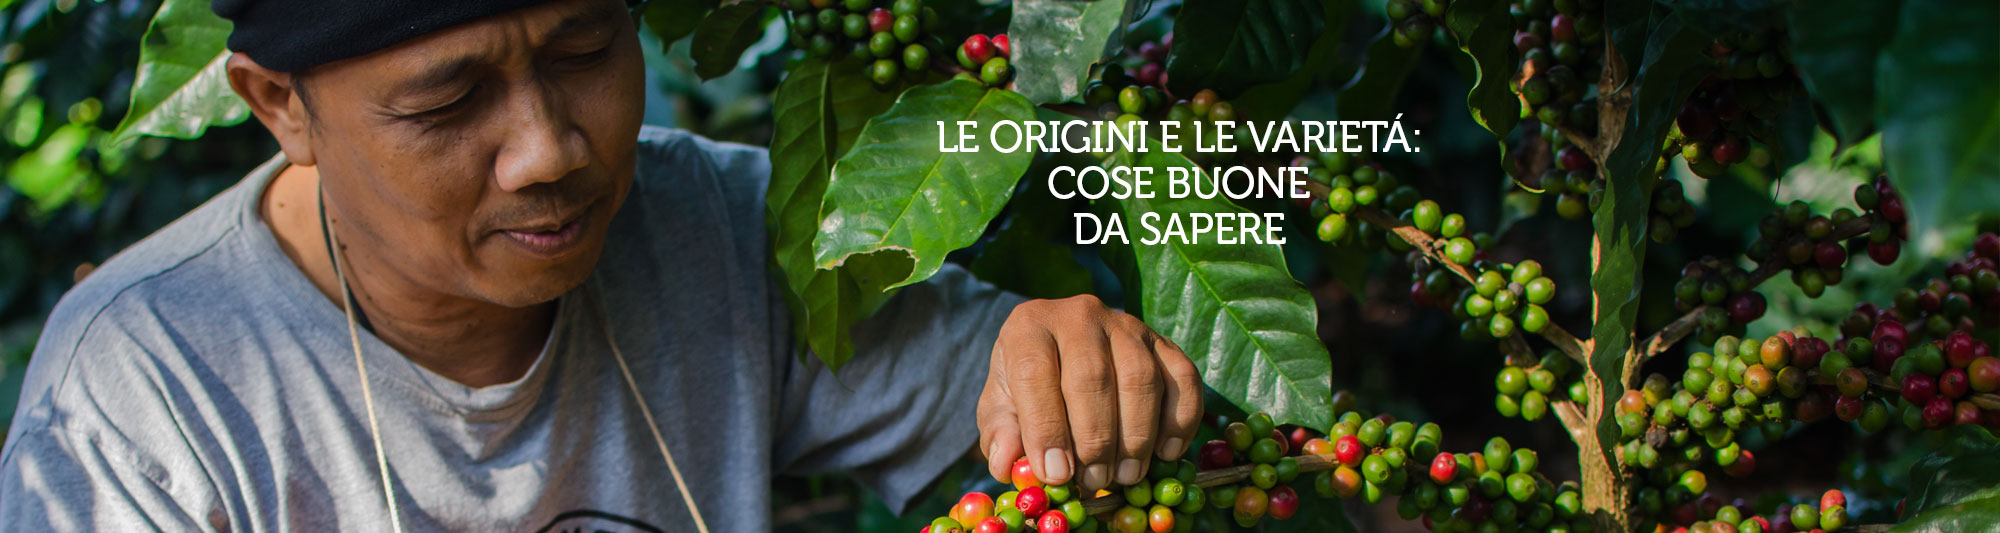 che cos'è il caffè